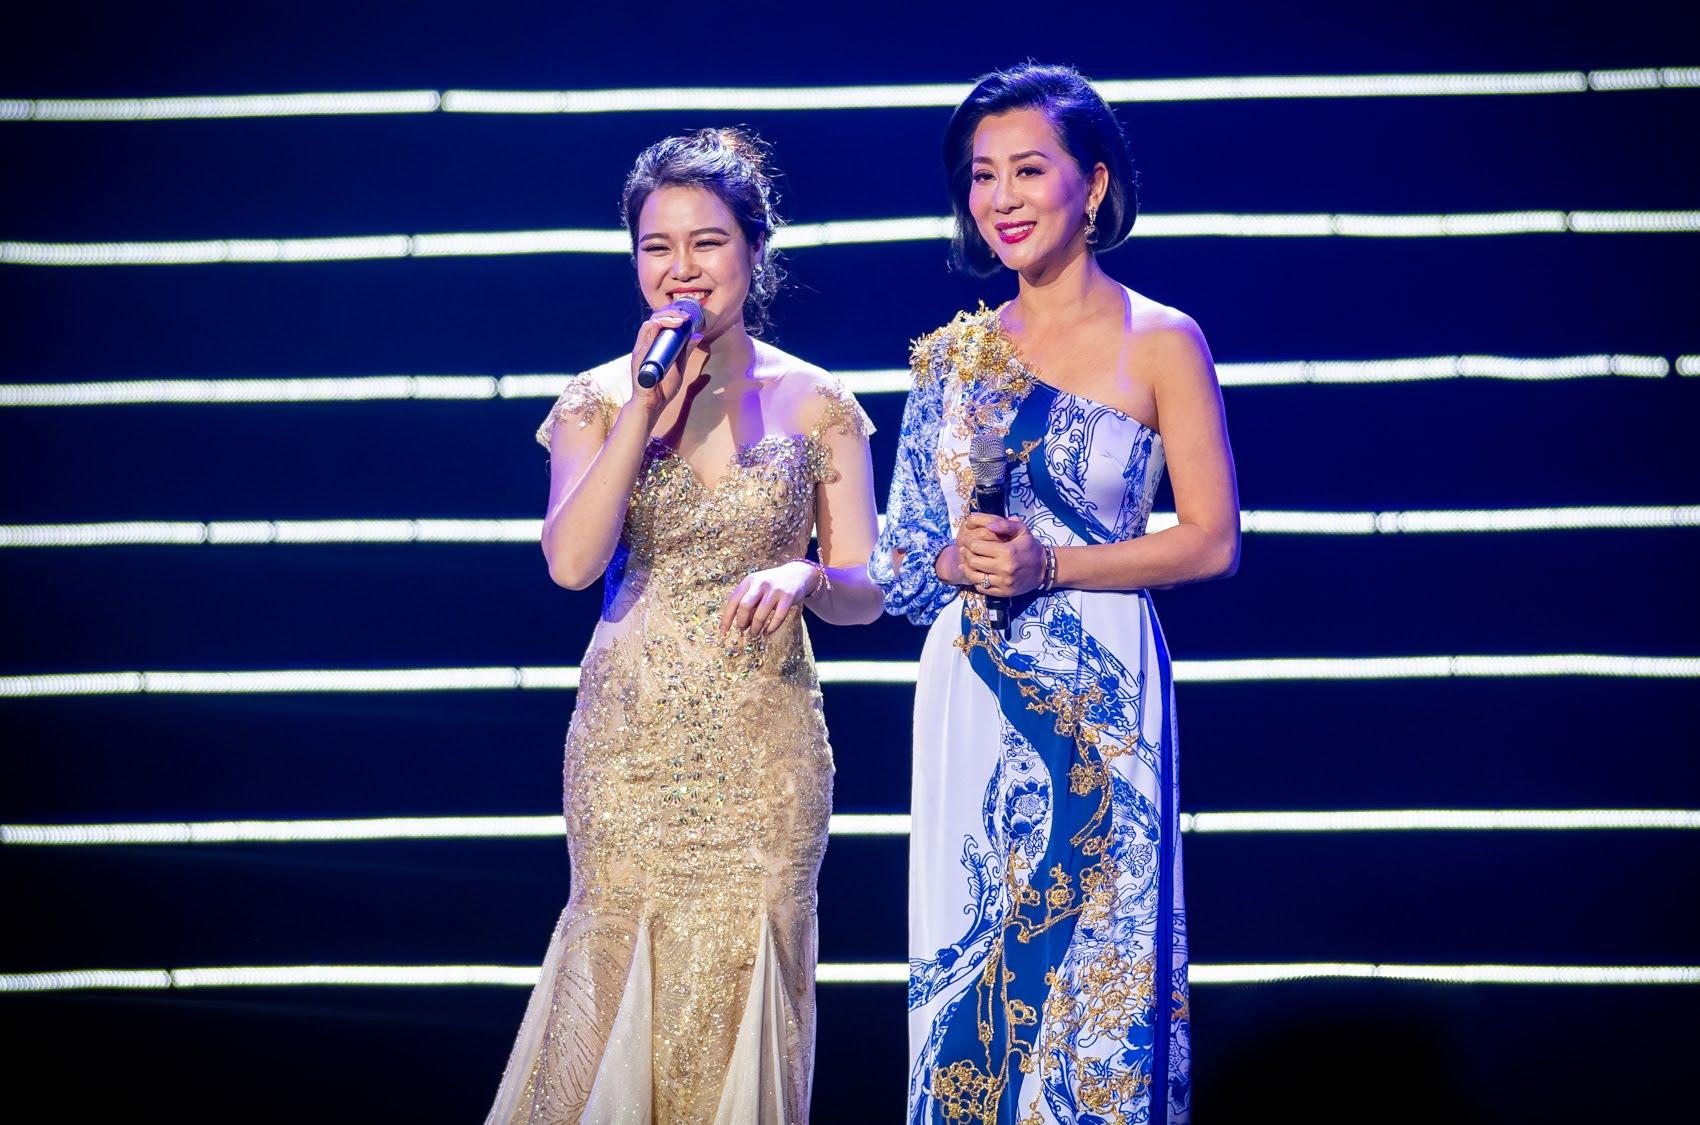 """Chế Linh """"hôn công khai"""" MC Kỳ Duyên trong liveshow riêng ở Hà Nội - 1"""